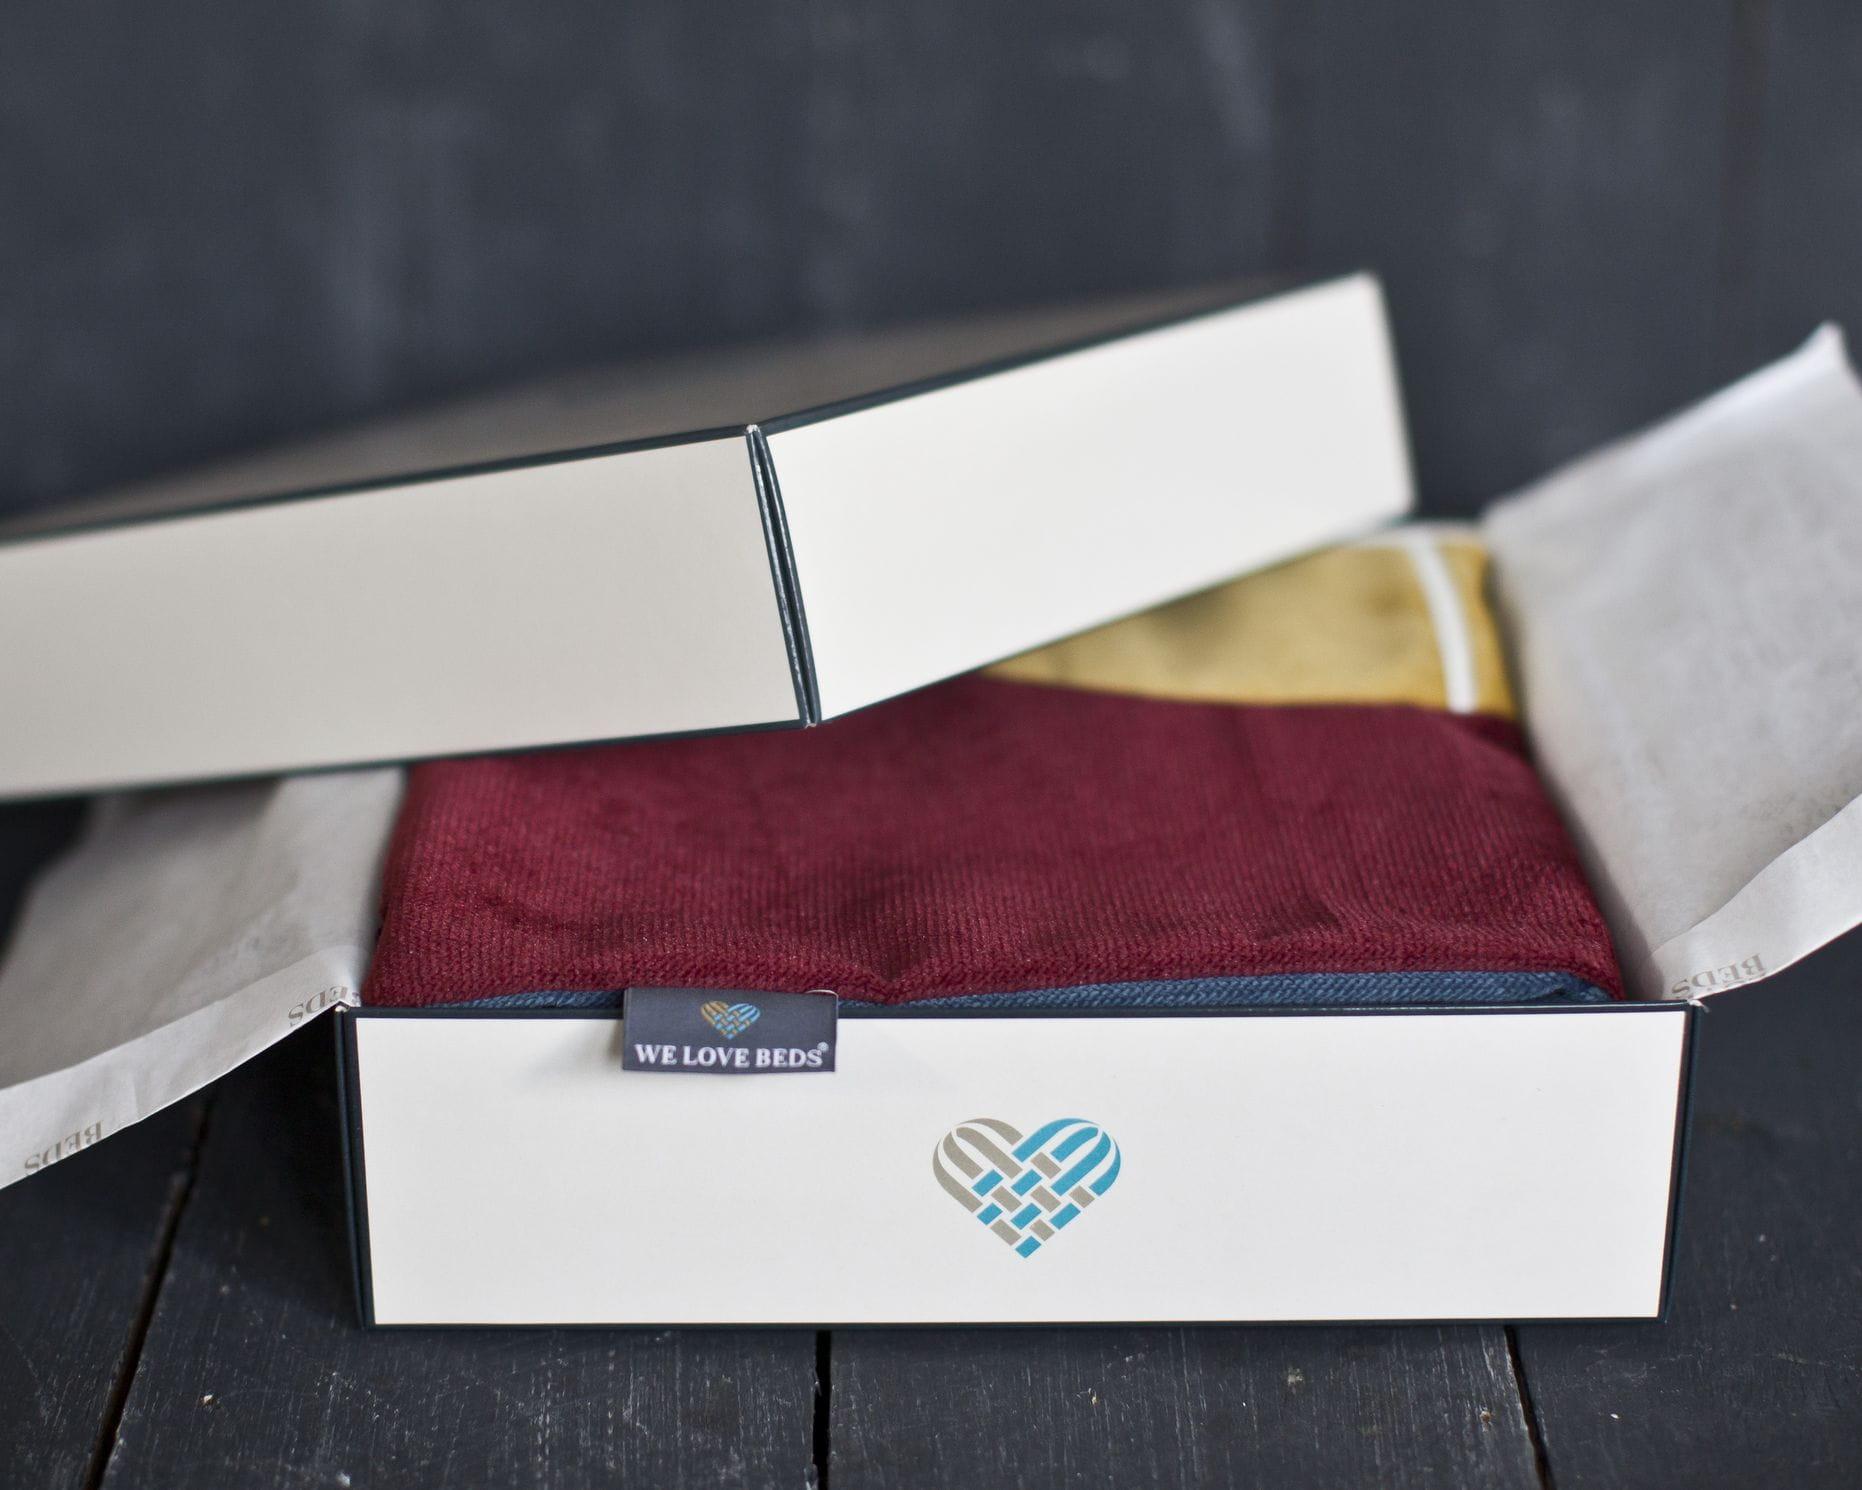 Poszewka dekoracyjna Tokyo Główną inspiracją kolekcji poduszek dekoracyjnych Fashion Capitals, stworzonej wspólnie z projektantką wnętrz- Agnieszką Chlebdą, był design lat 60-tych. Światowe stolice designu prezentowały wtenczas (powracające dziś do łask) fotele z drewnianym oparcie, kultowe meblościanki, tapicerowane wersalki, czy pełne koloru, szklane wazony. Projekt asymetrycznych kształtów oraz barwnych tkanin, nadaje wnętrzu nietuzinkowego stylu. Poszewkę wykonano z weluru, materiału delikatnego, miękkiego oraz łatwego do wyczyszczenia. Idealnie nada się do minimalistycznej i gustownej przestrzeni. Każdy produkt pakujemy w kredowy kartonik, wyściełany muślinowym papierem. Poduszka idealnie sprawdzi się tym samym jako wyjątkowy prezent. Poduszka dekoracyjna Tokyo tworzy piękny zestaw z poduszkami: Jeans Blue, Dijon, Mystic Burgundy. Zadbaj o swoje wnętrze. Kolor: niebieski, żółty, bordowy. Dostępne rozmiary : 40x60 cm - pasuje do niej wkład jedwabny 45x65 cm Tkanina : Poliester Wymi